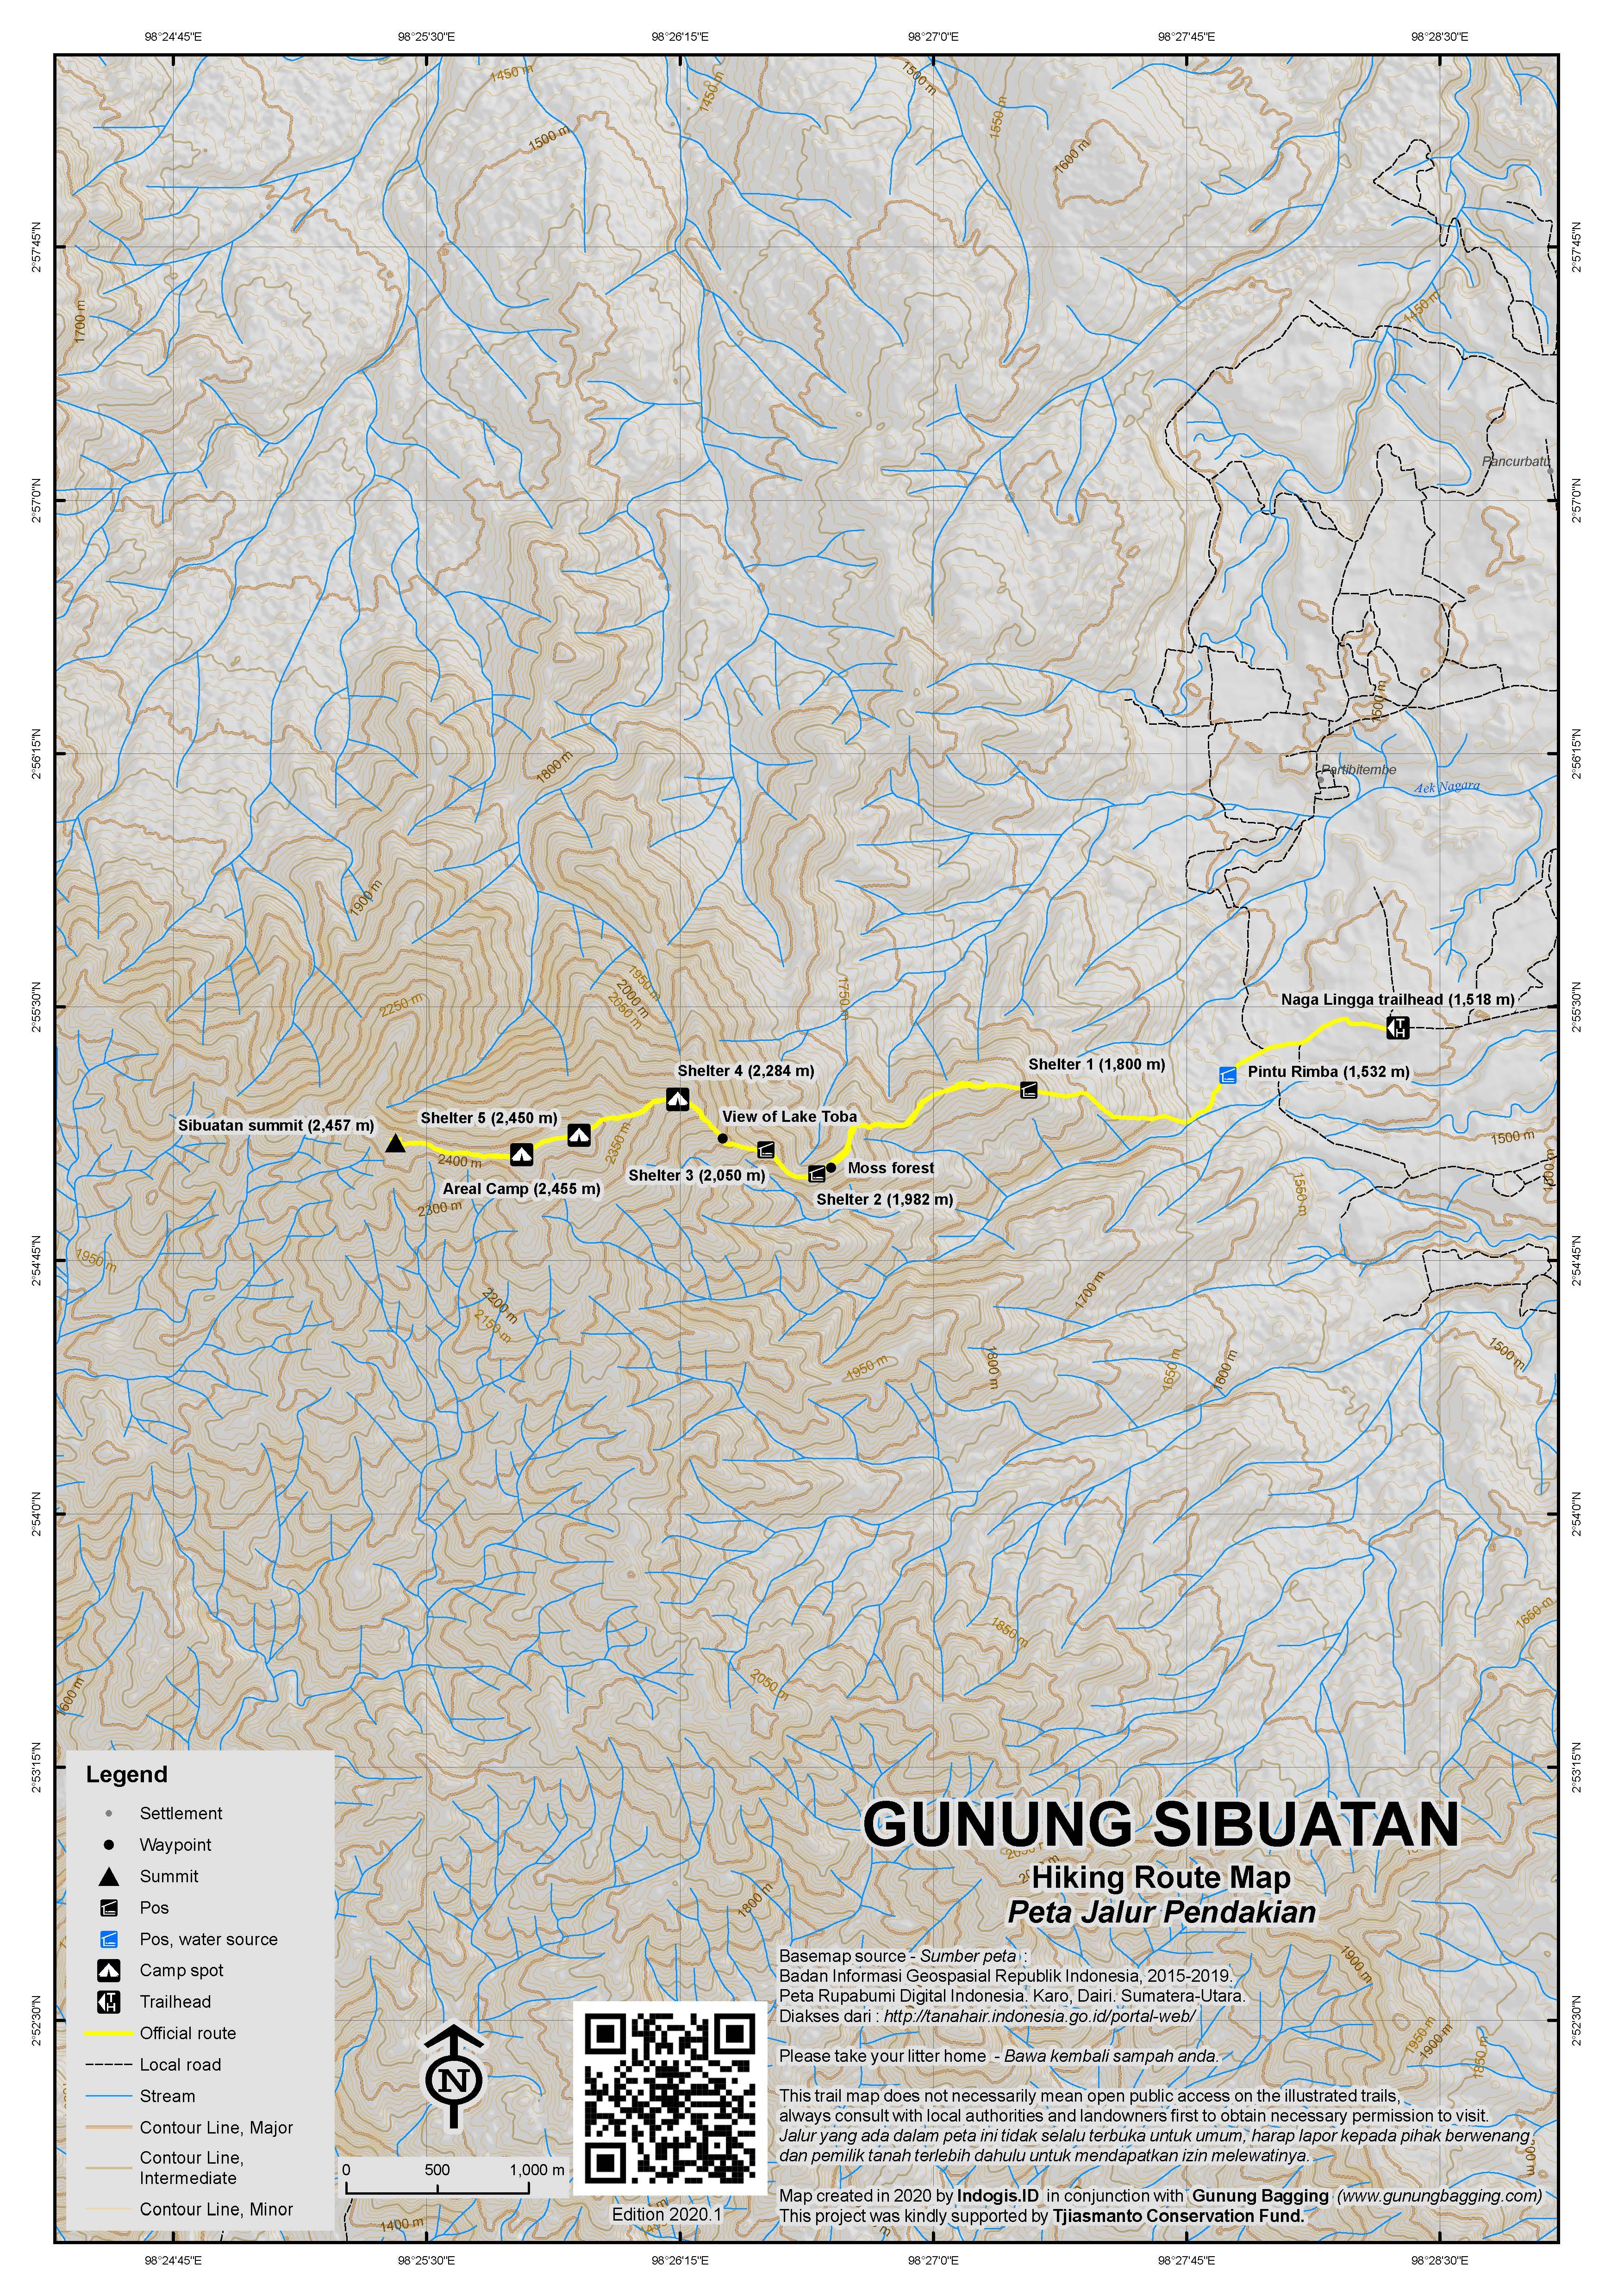 Peta Jalur Pendakian Gunung Sibuatan